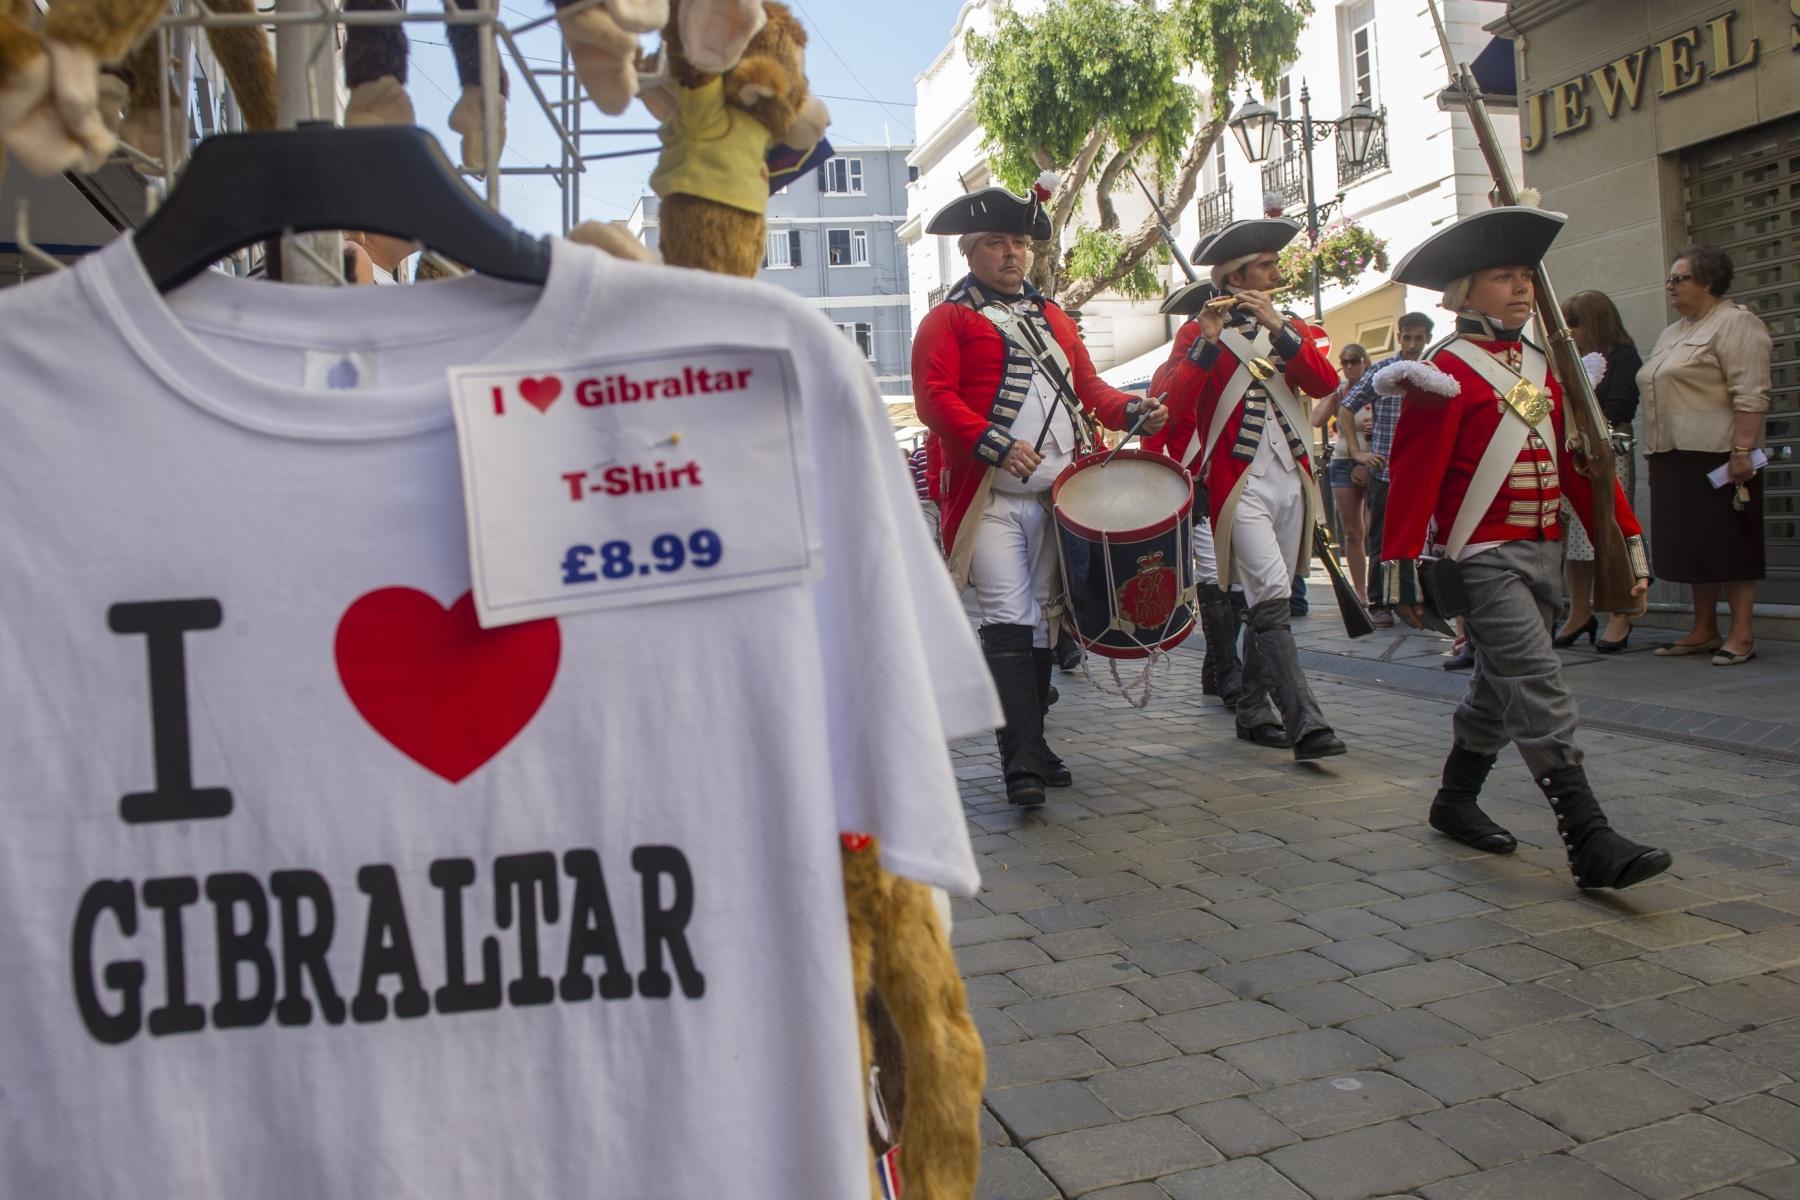 gibraltar-300-aos-de-utrecht-1372013-71_9288985201_o